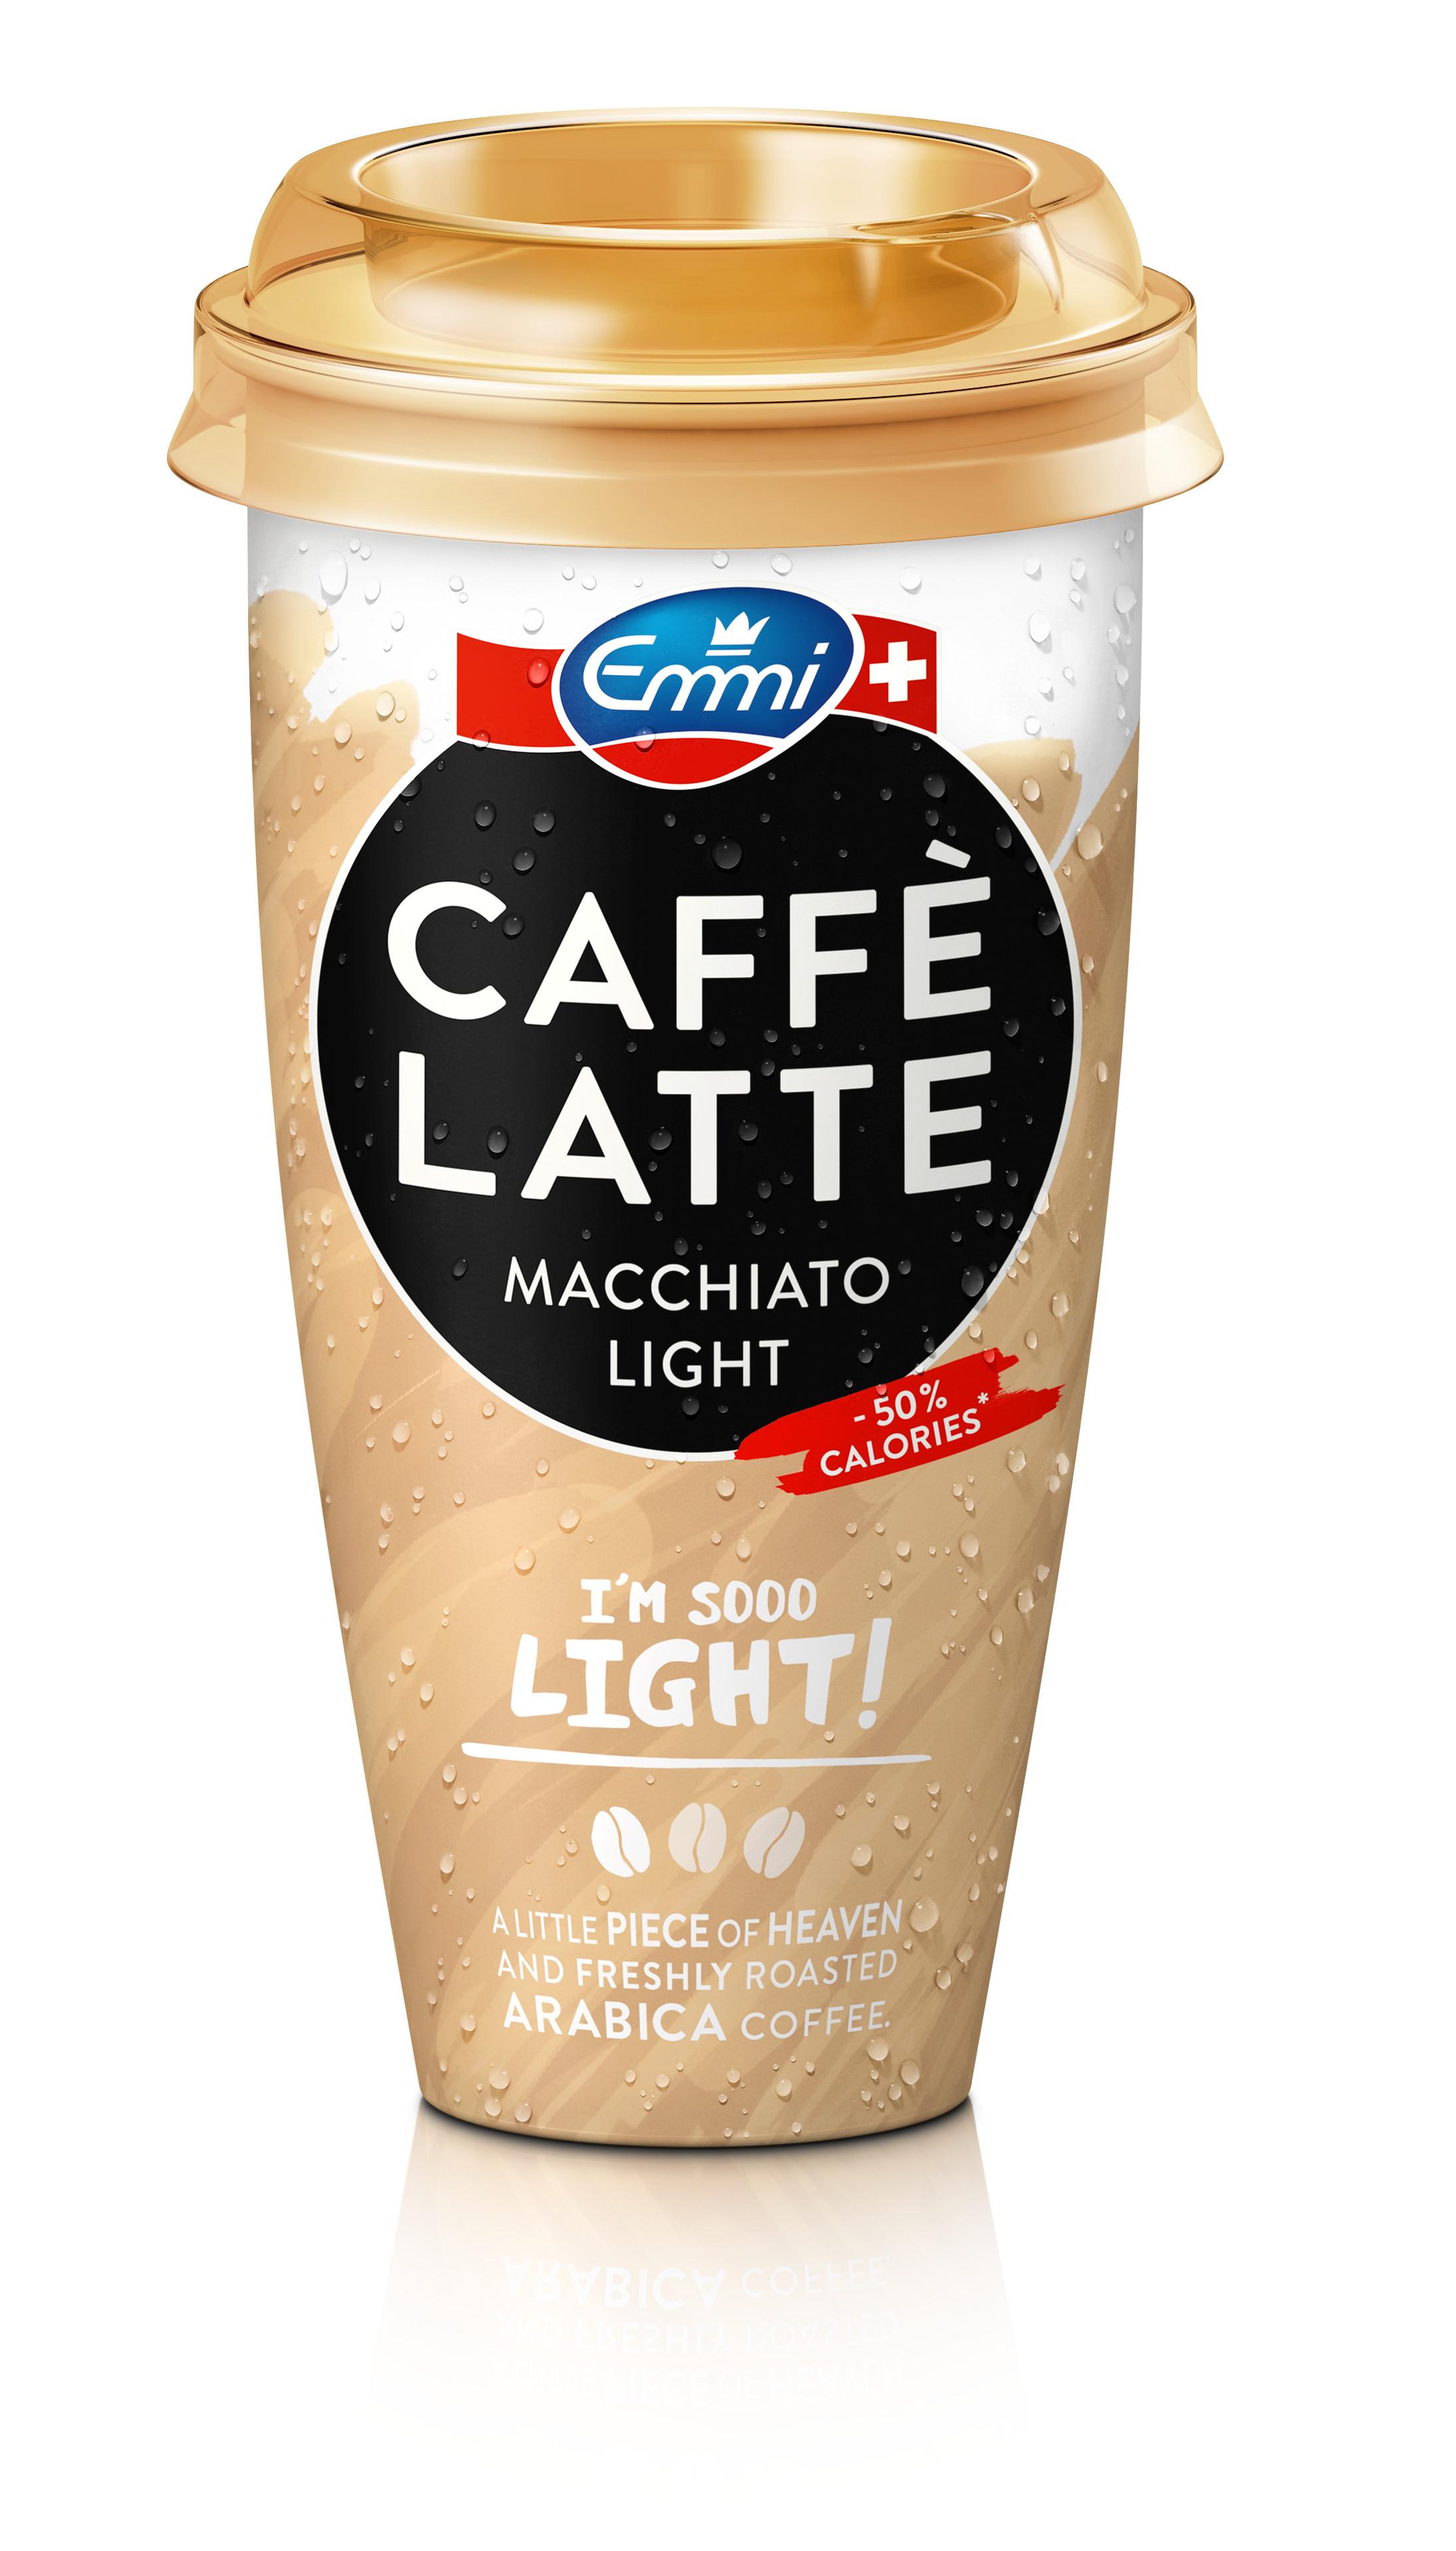 HR_Packshot_Emmi_CAFFÈ_LATTE_Light_Drops.jpg